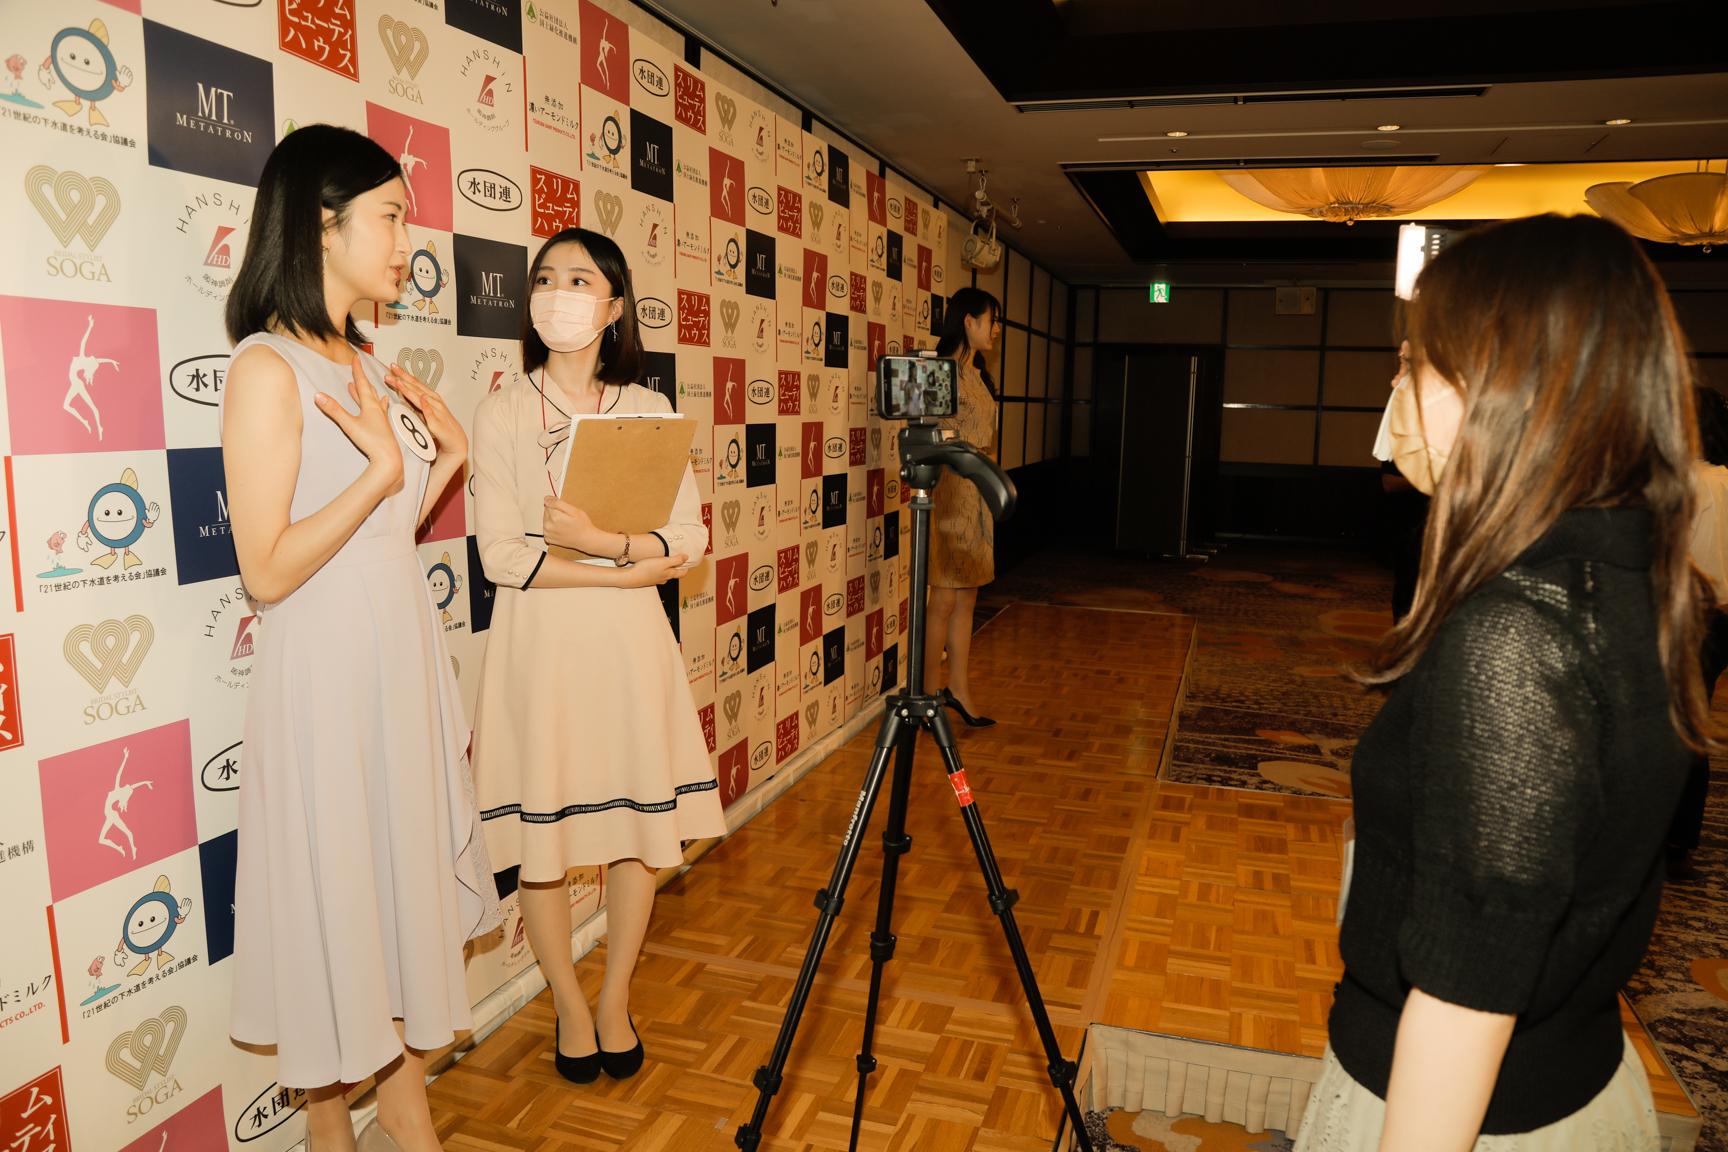 土屋佳蓮(青山学院大学) ミス日本 に梅田陽菜がインタビュー